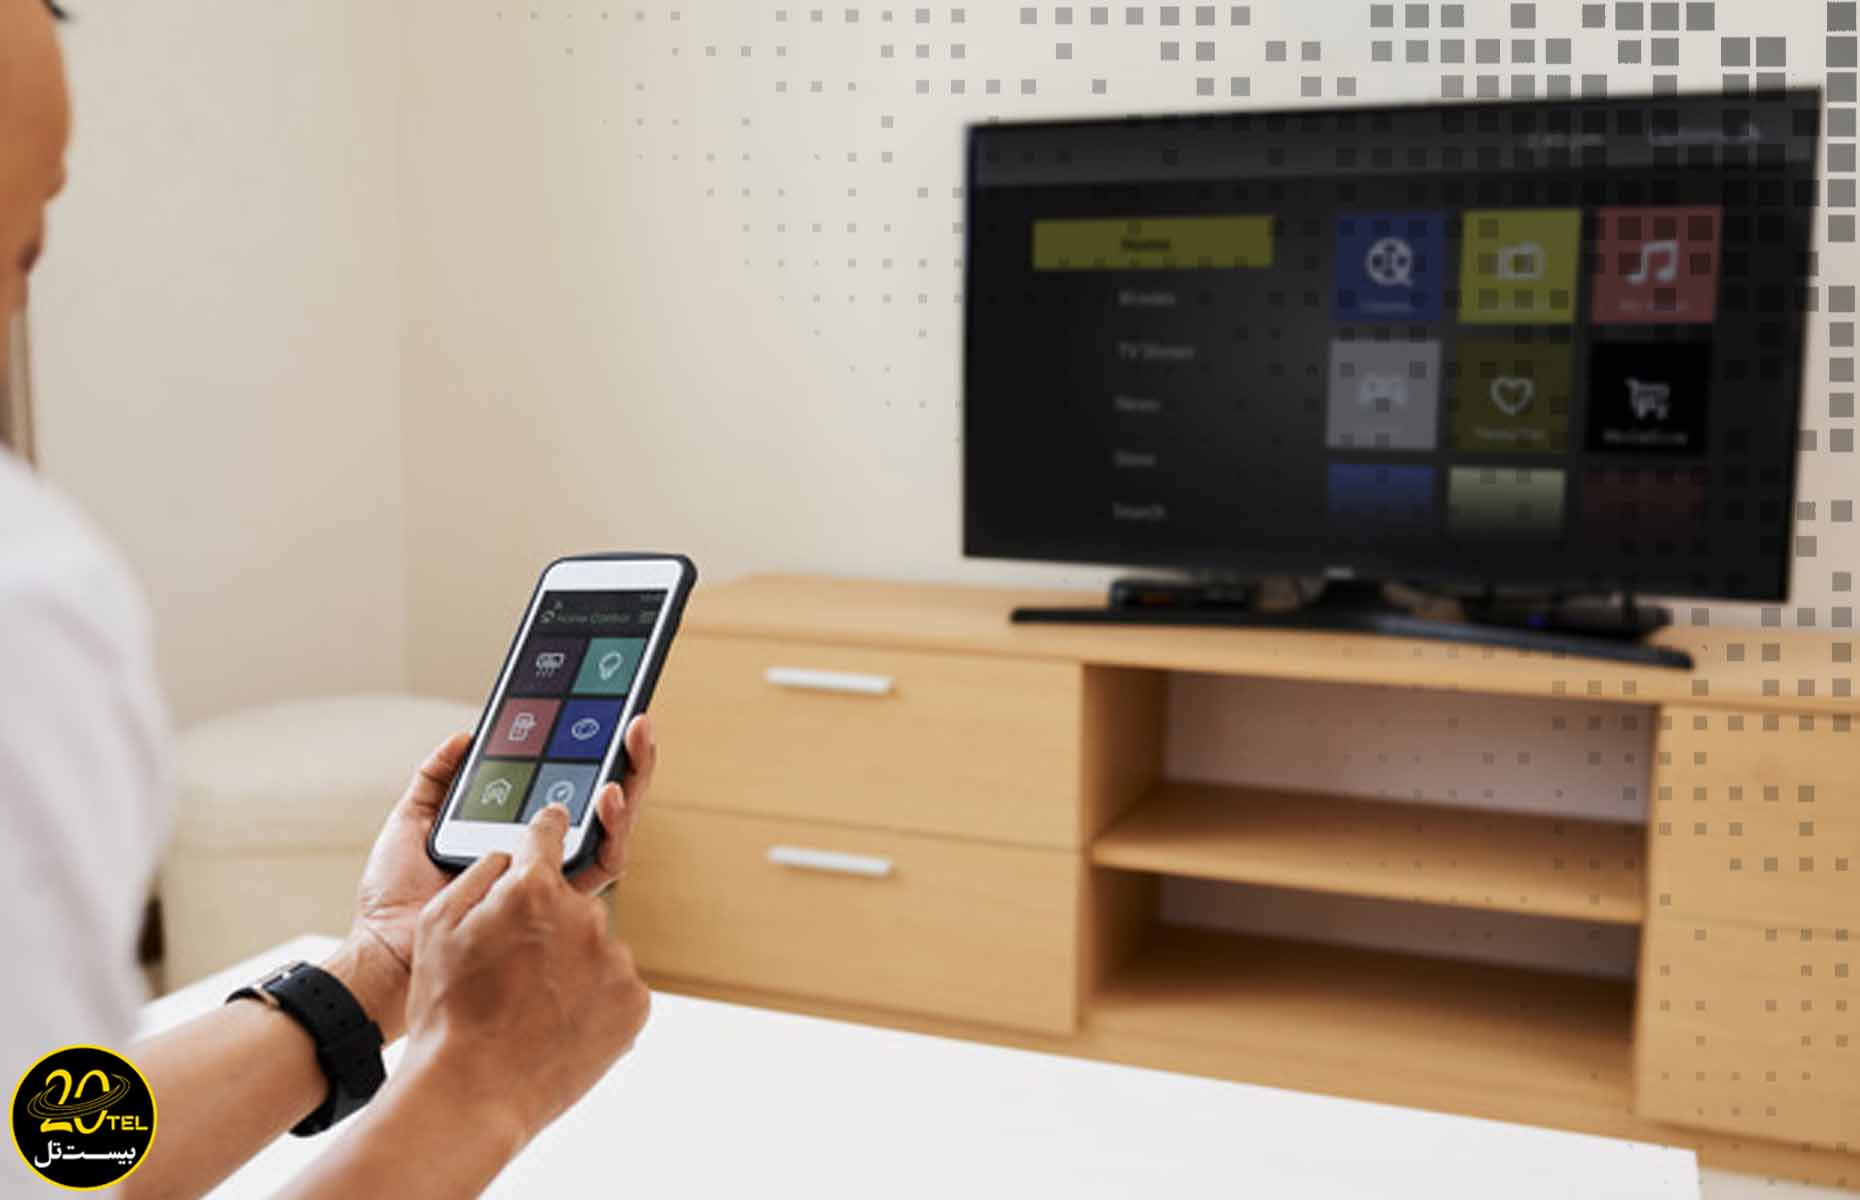 نحوه کنترل تلویزیون با گوشی